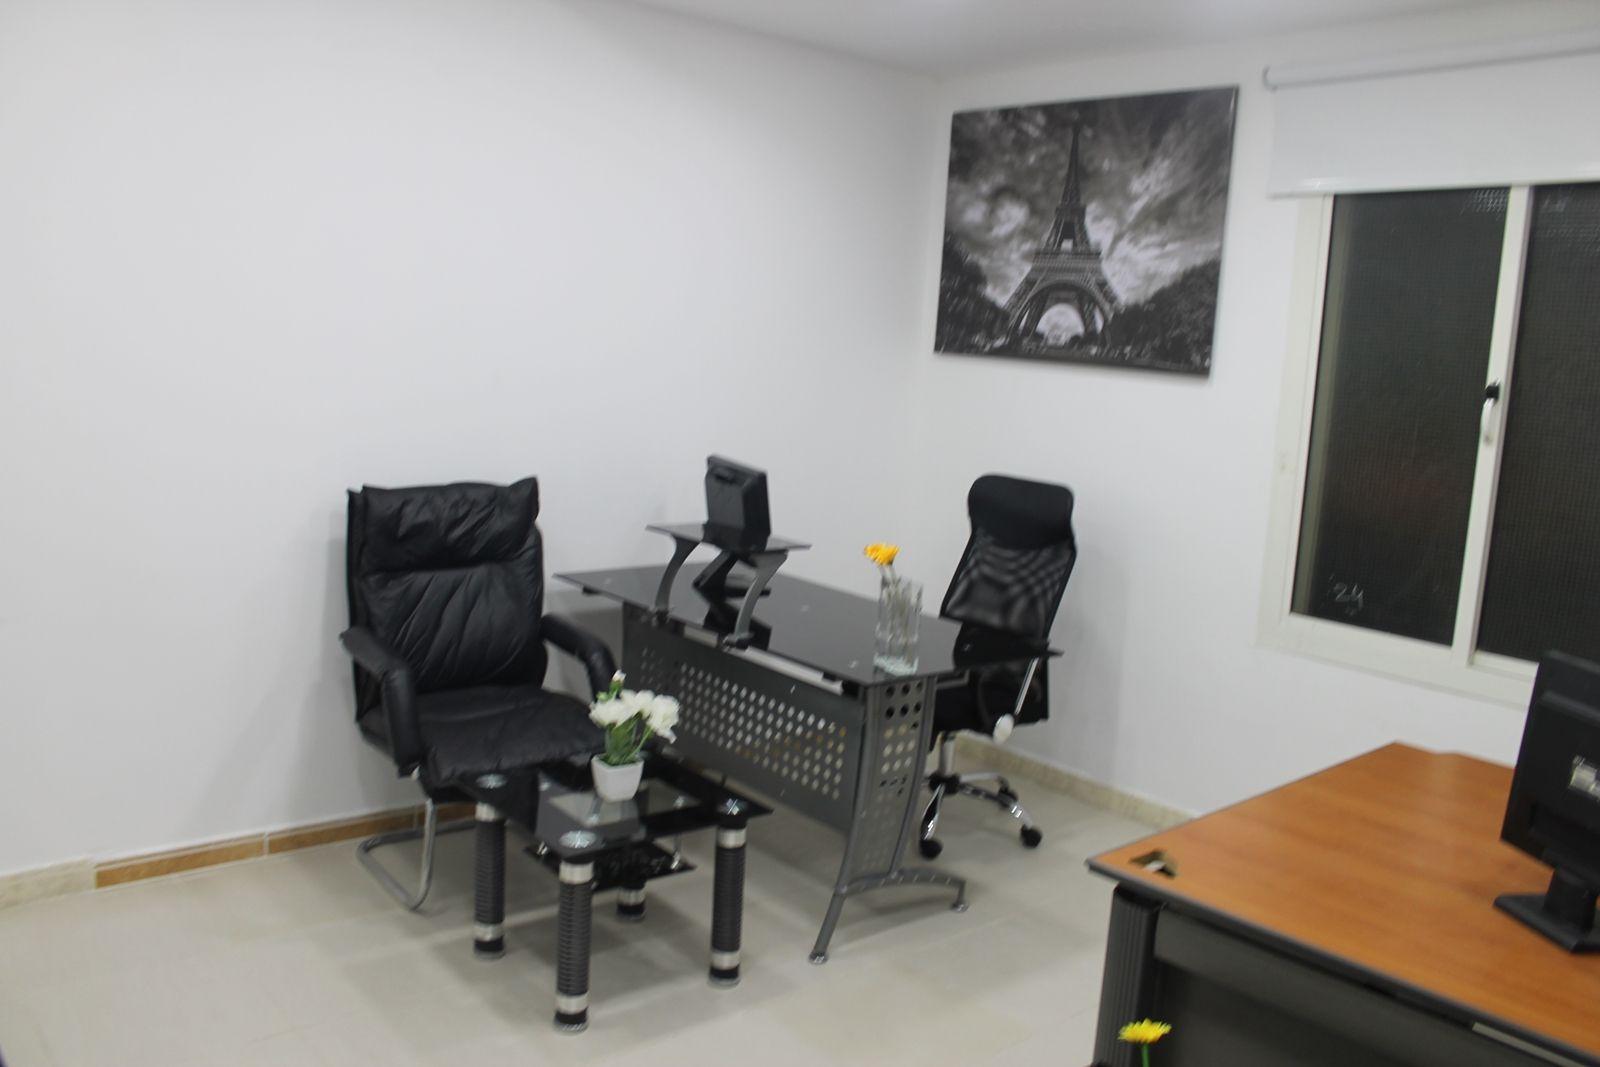 أنواع المكاتب المتوفرة مكاتب ادارية بمساحات كبيرة تناسب الاداريين للايجاراليومي والشهري والسنوي مكاتب ادارية بمساحات متوسطة للاستخدام الع Home Decor Home Decor